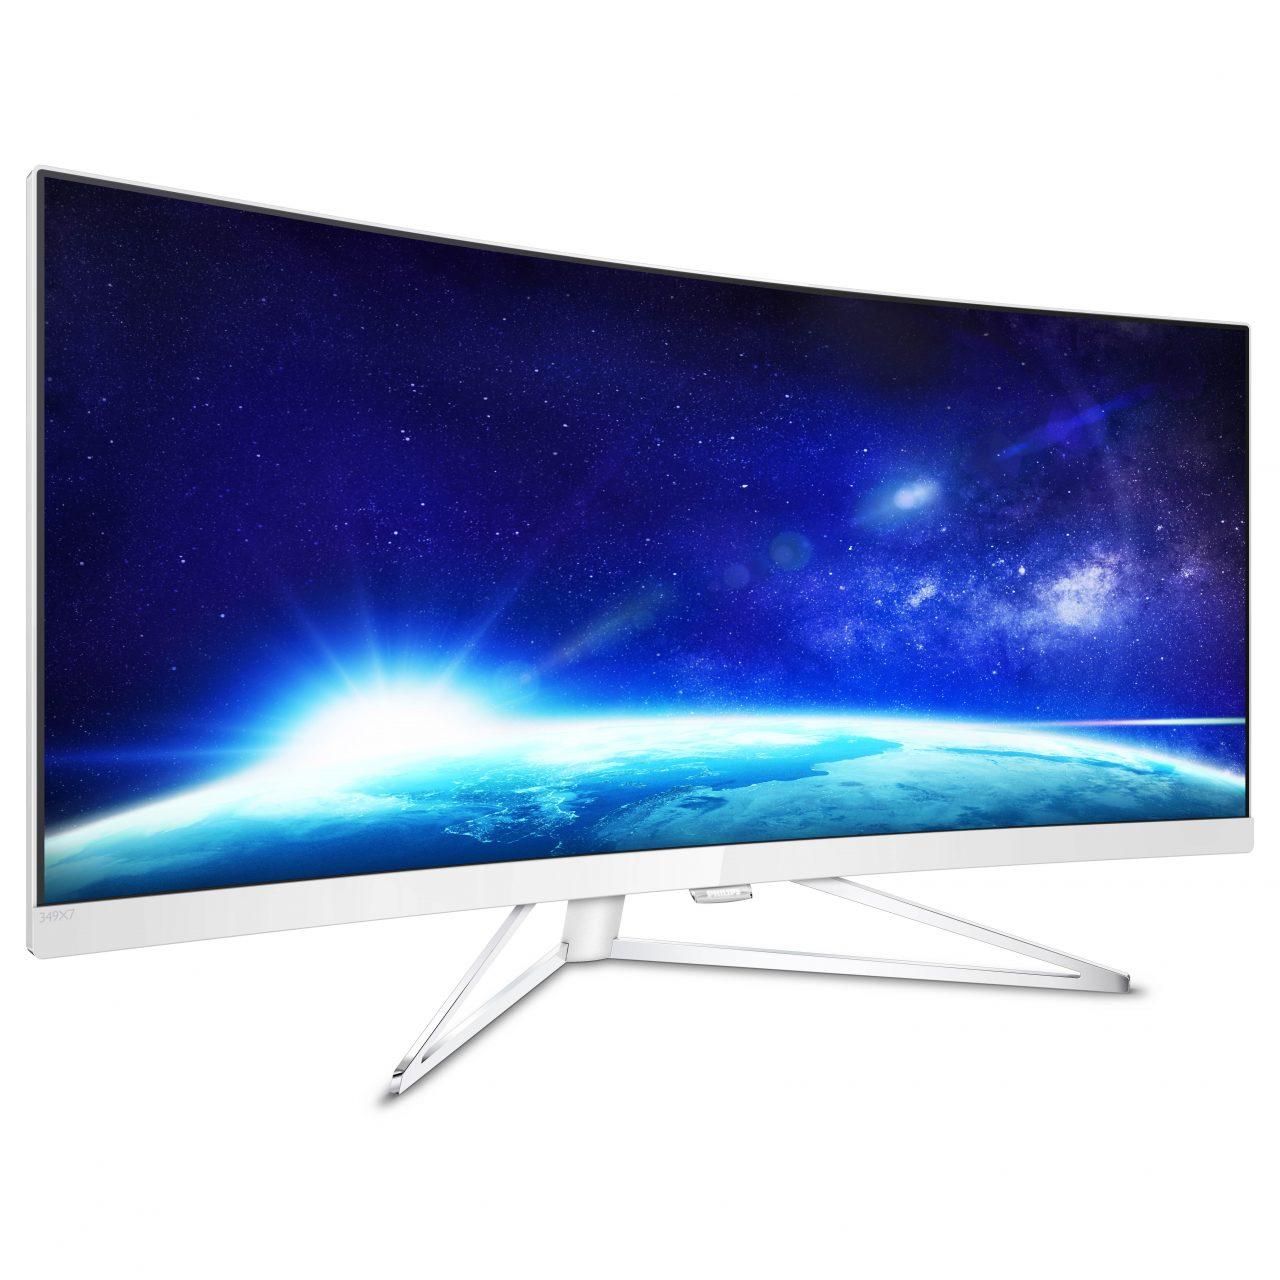 """Fate largo (sulla scrivania), ecco il monitor Philips UltraWide QHD da 34"""" (foto)"""